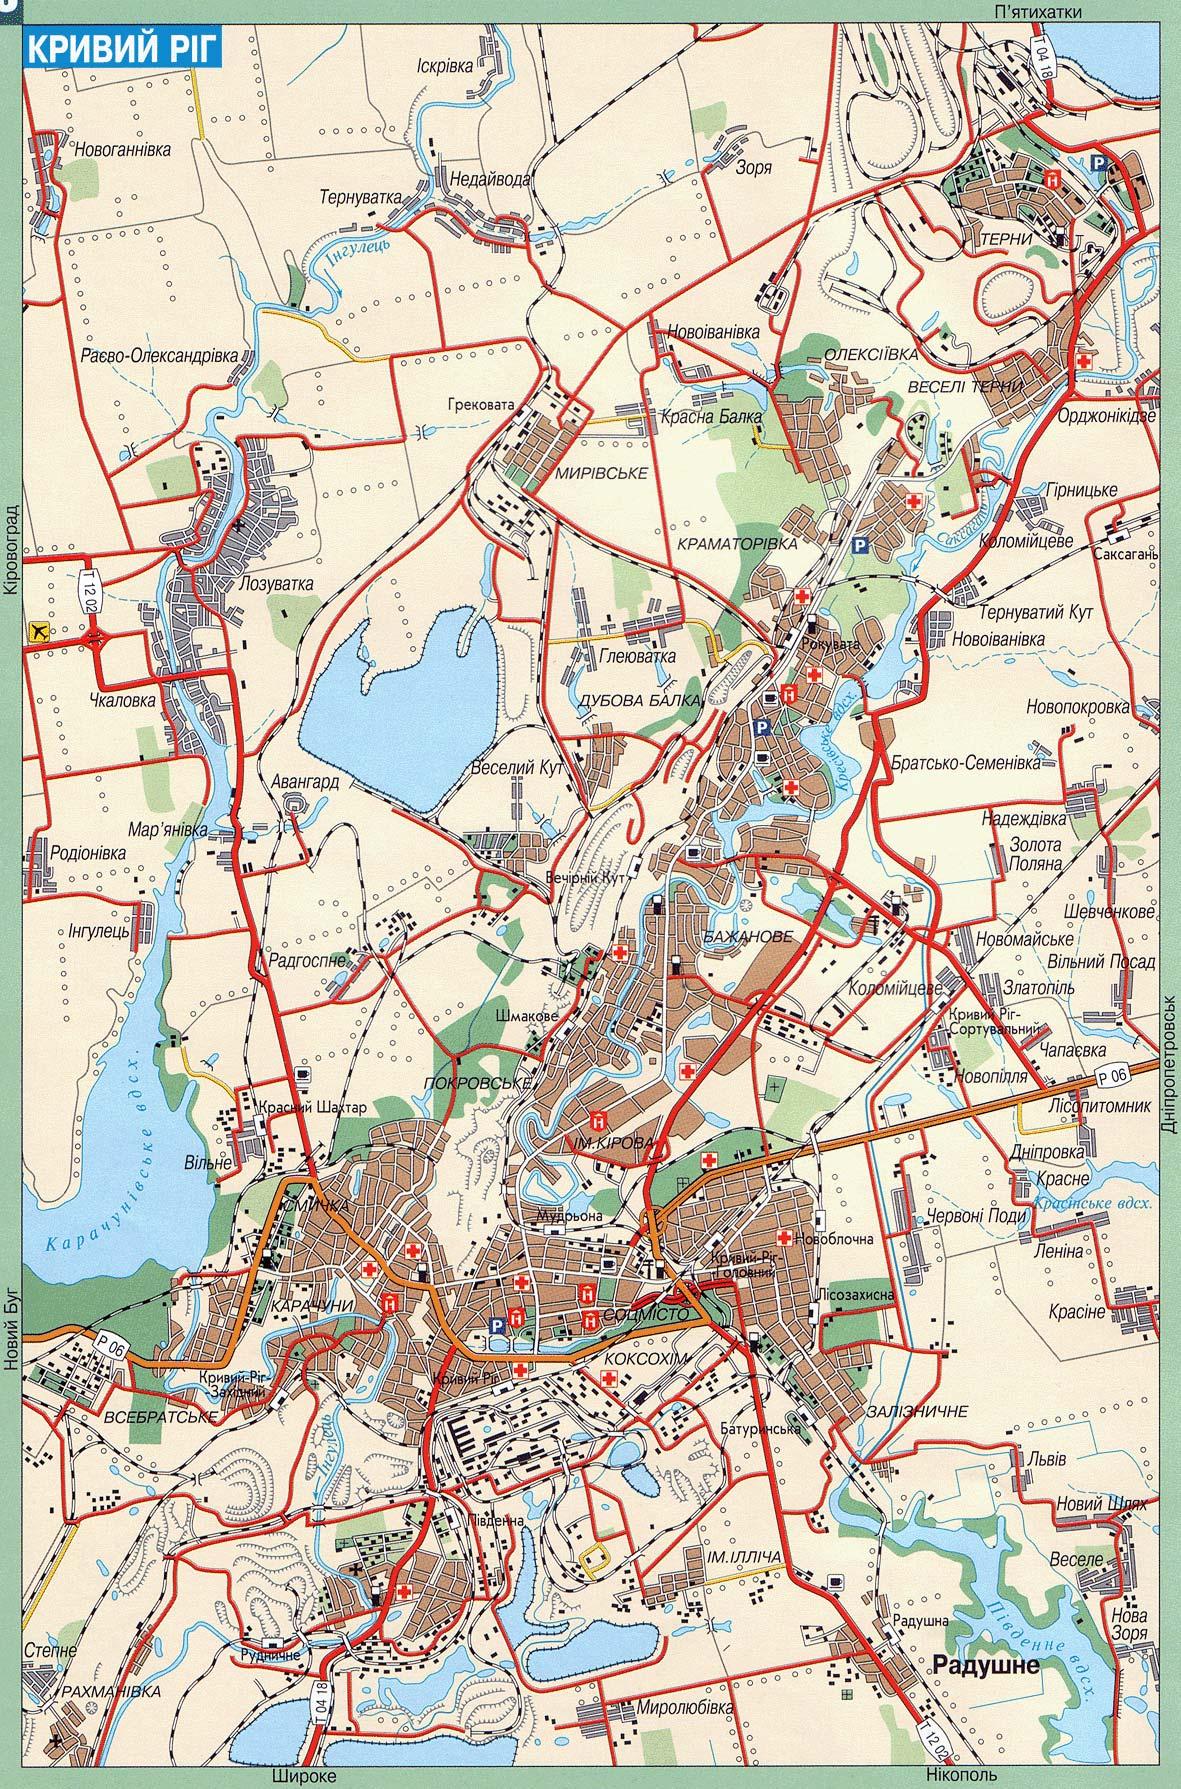 Карта города Кривой Рог